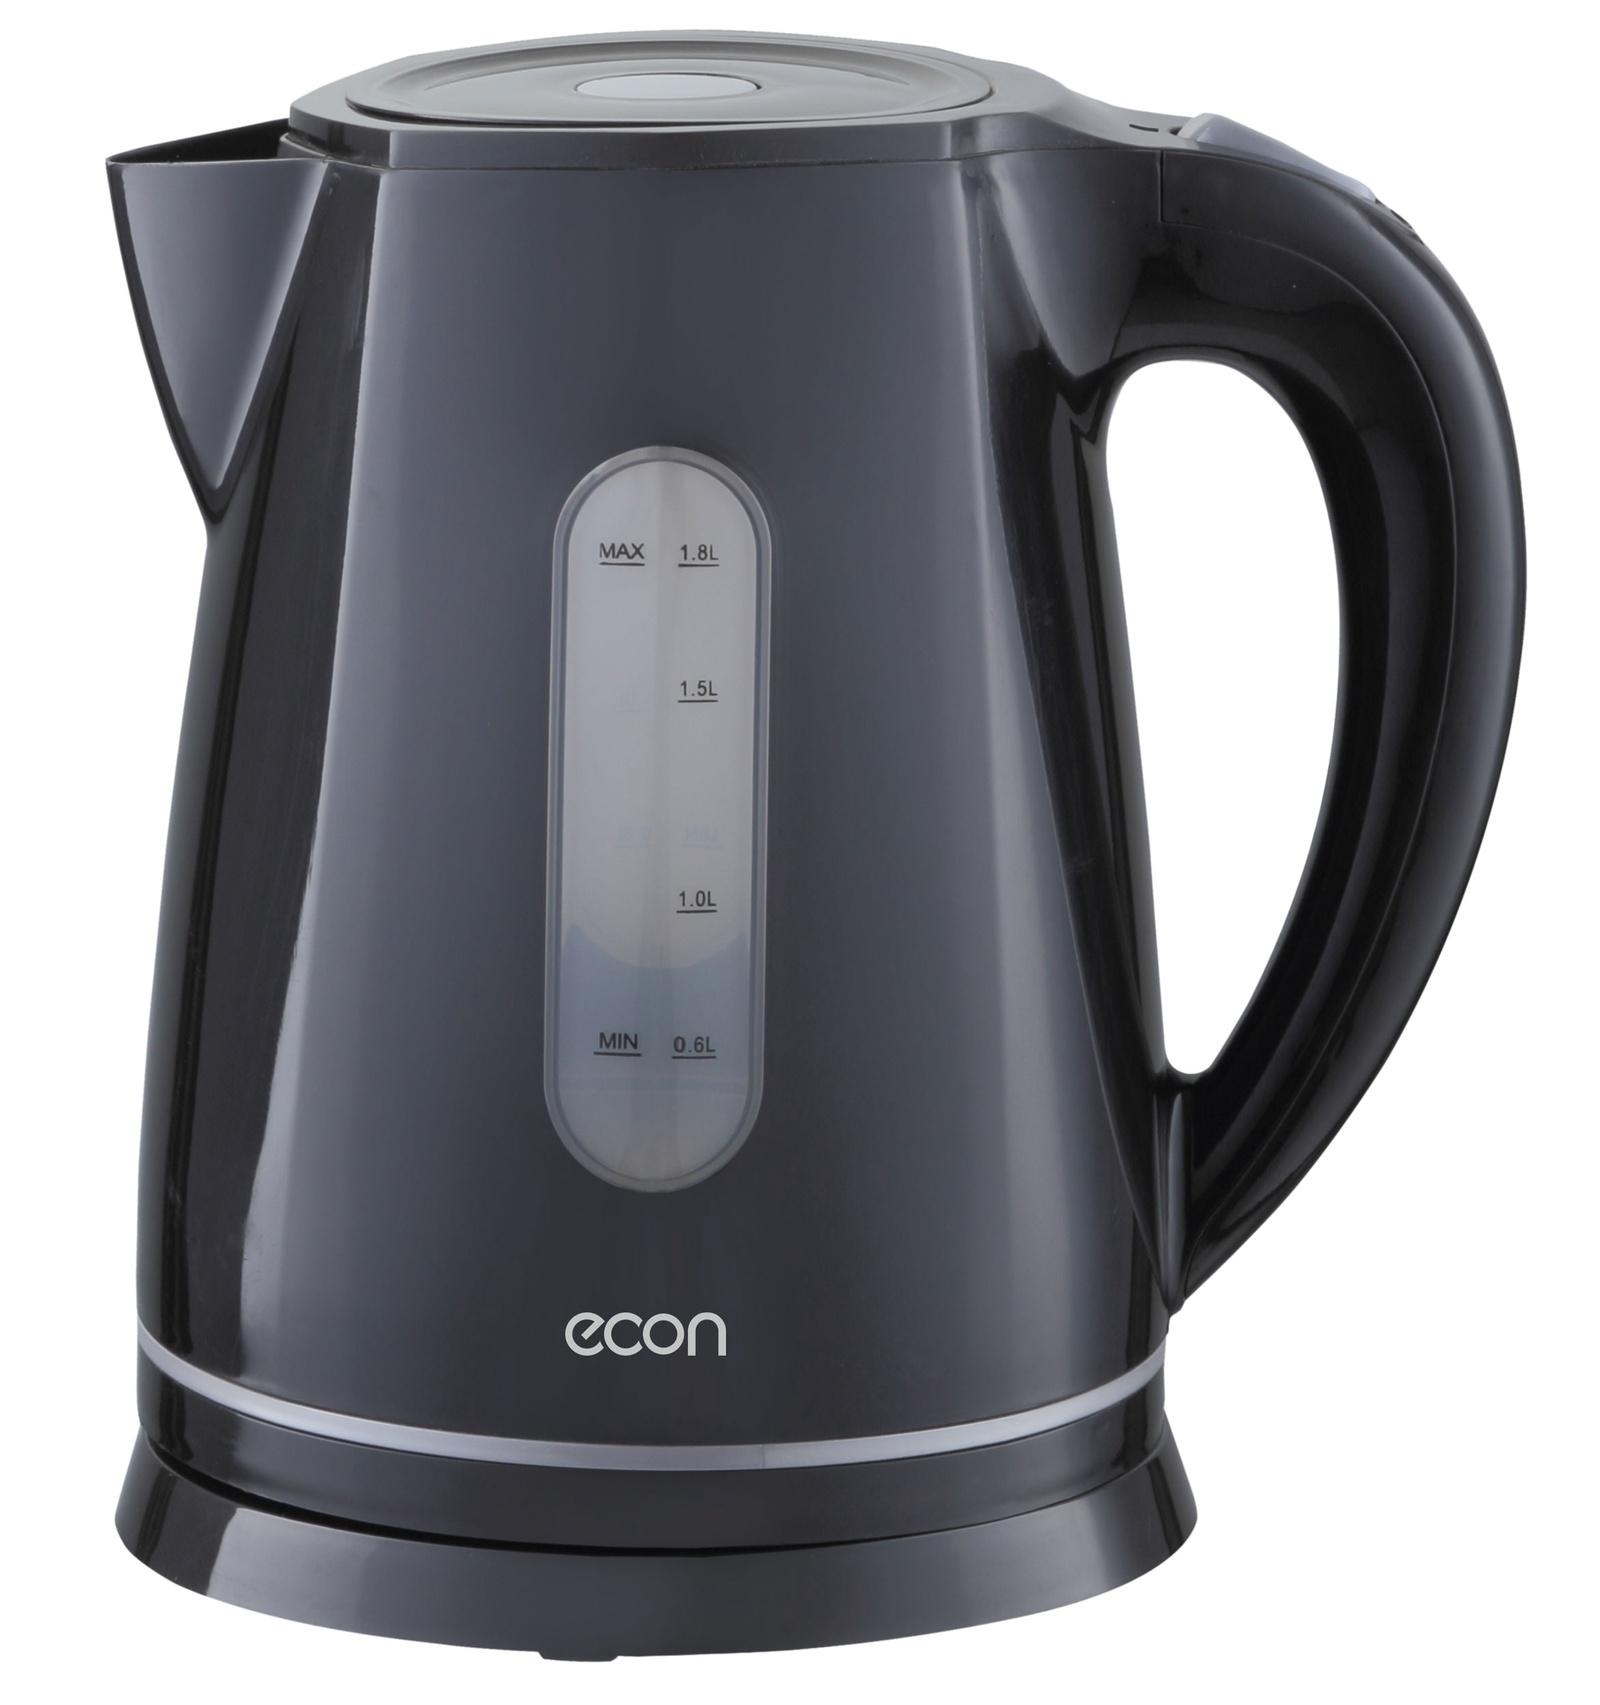 Электрический чайник ECON 1,8л, пластмассовый, с вращающейся подставкой